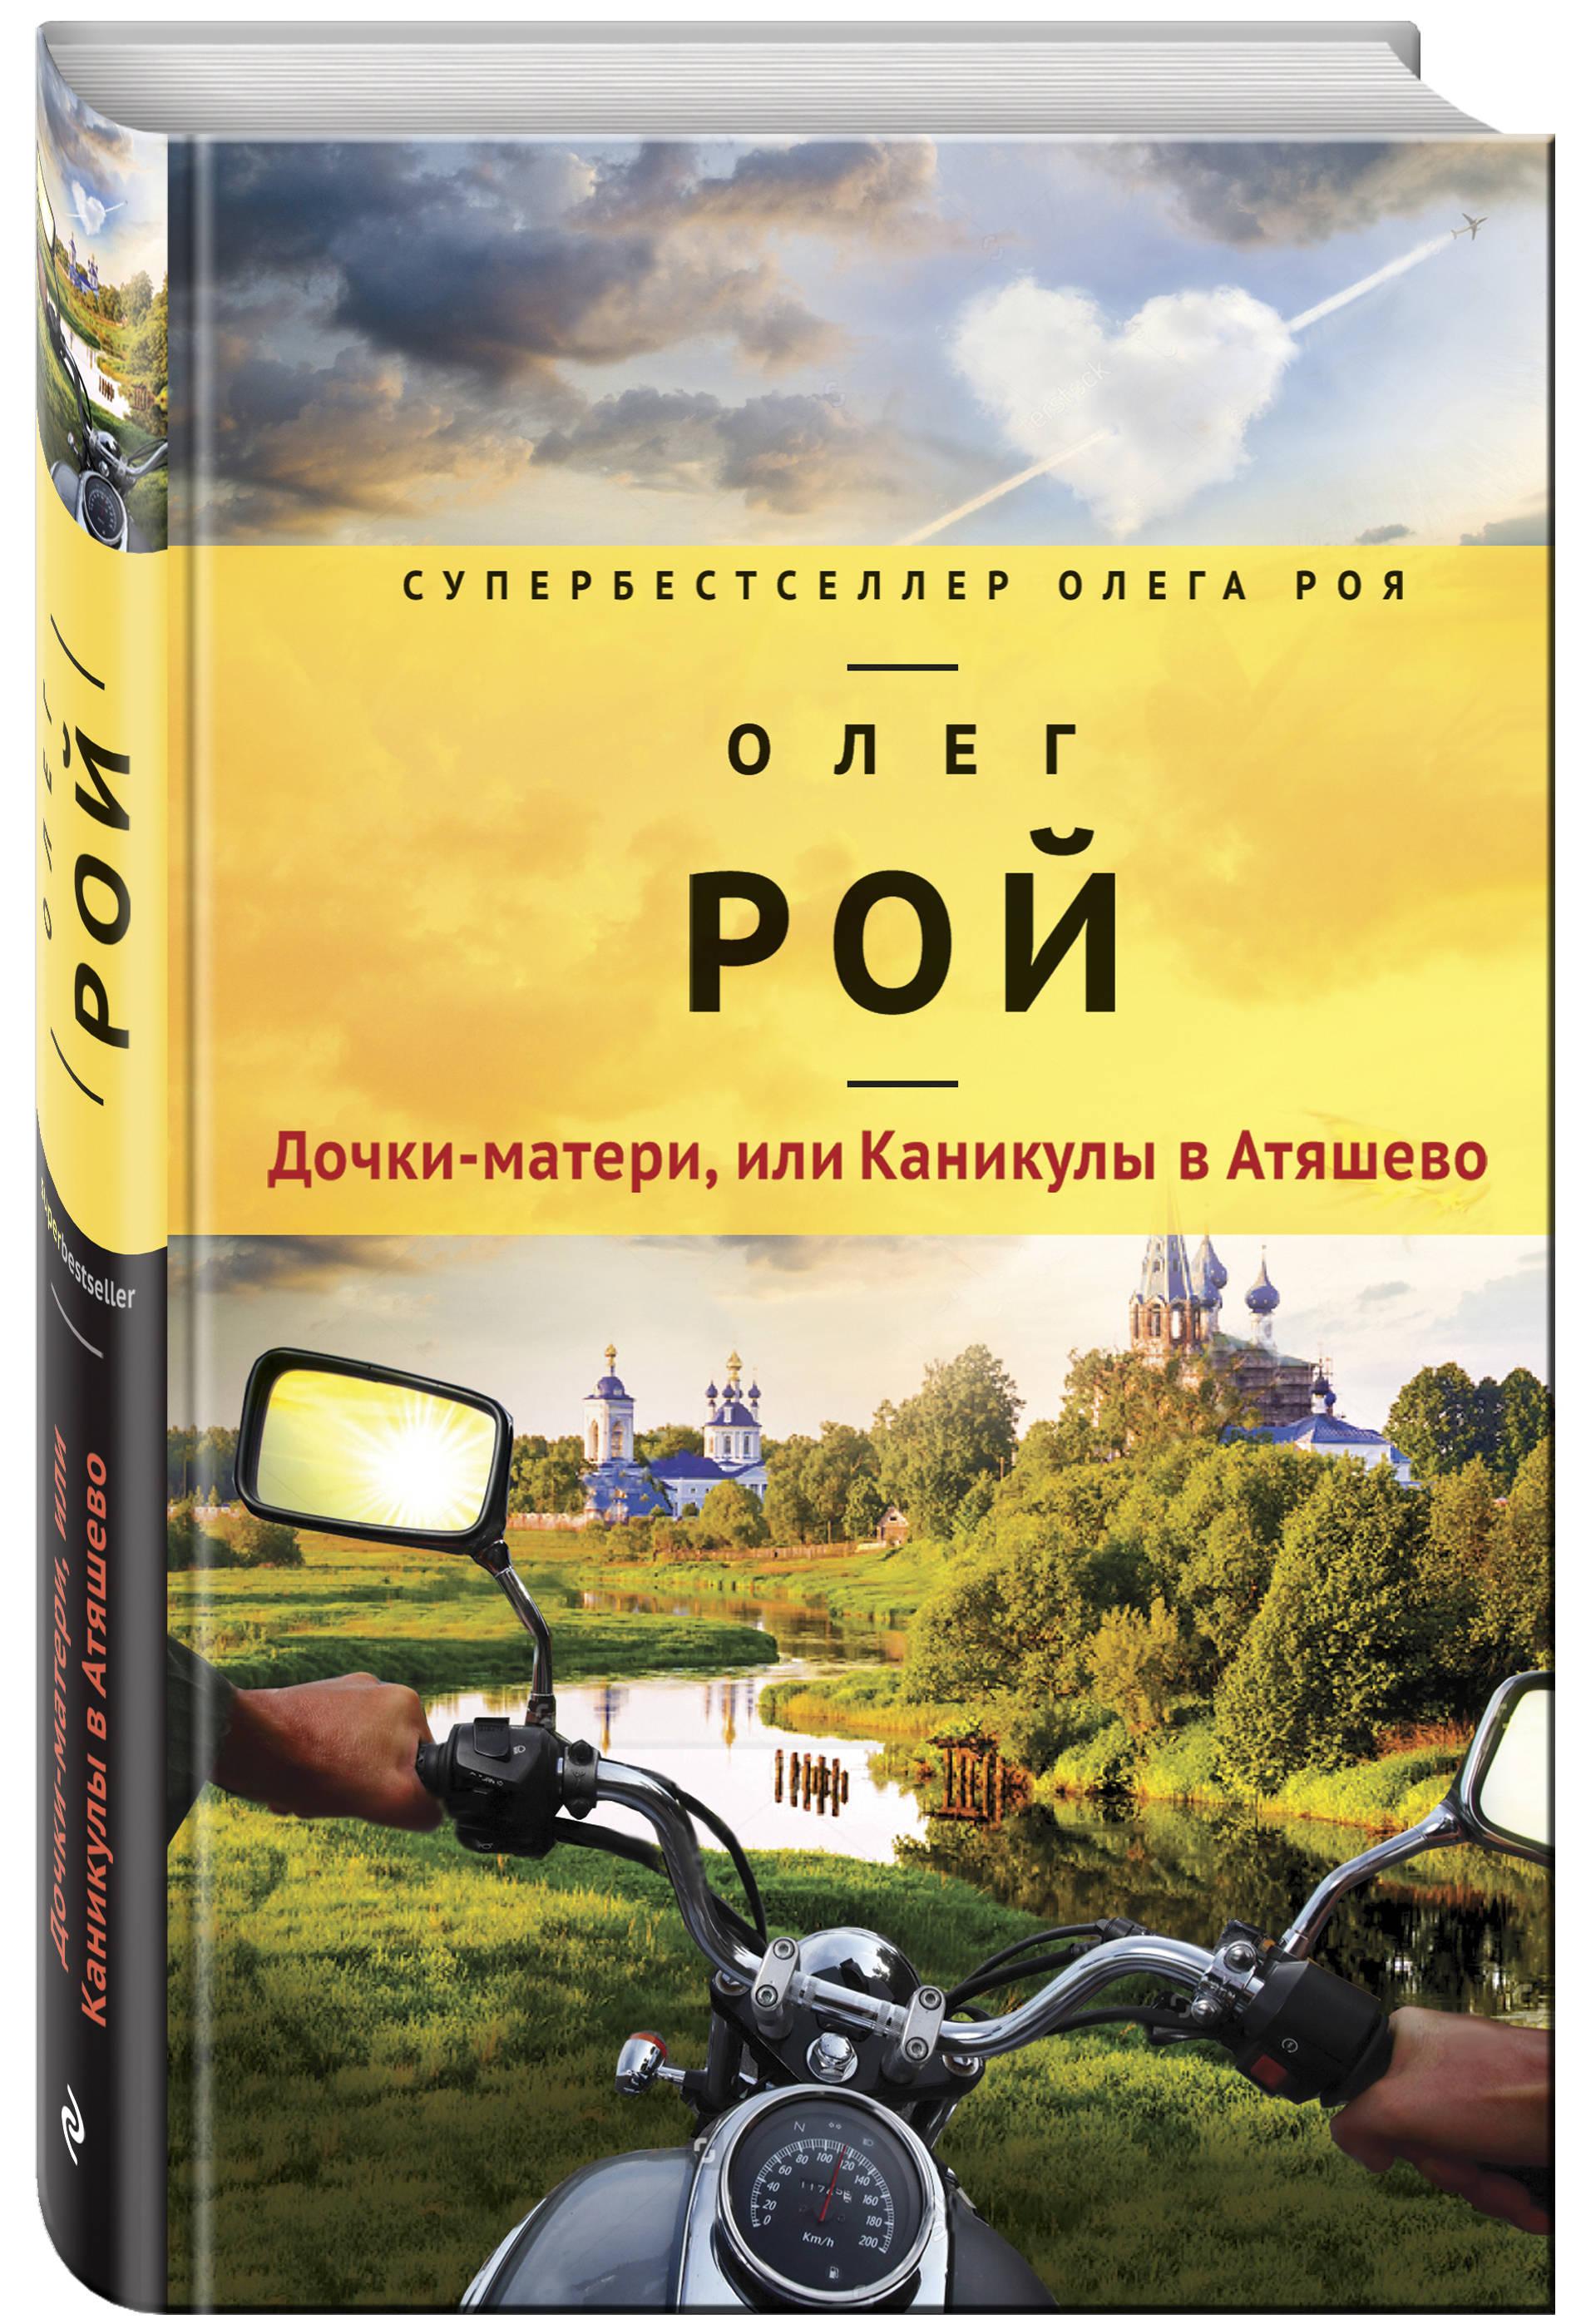 Олег Рой Дочки-матери, или Каникулы в Атяшево